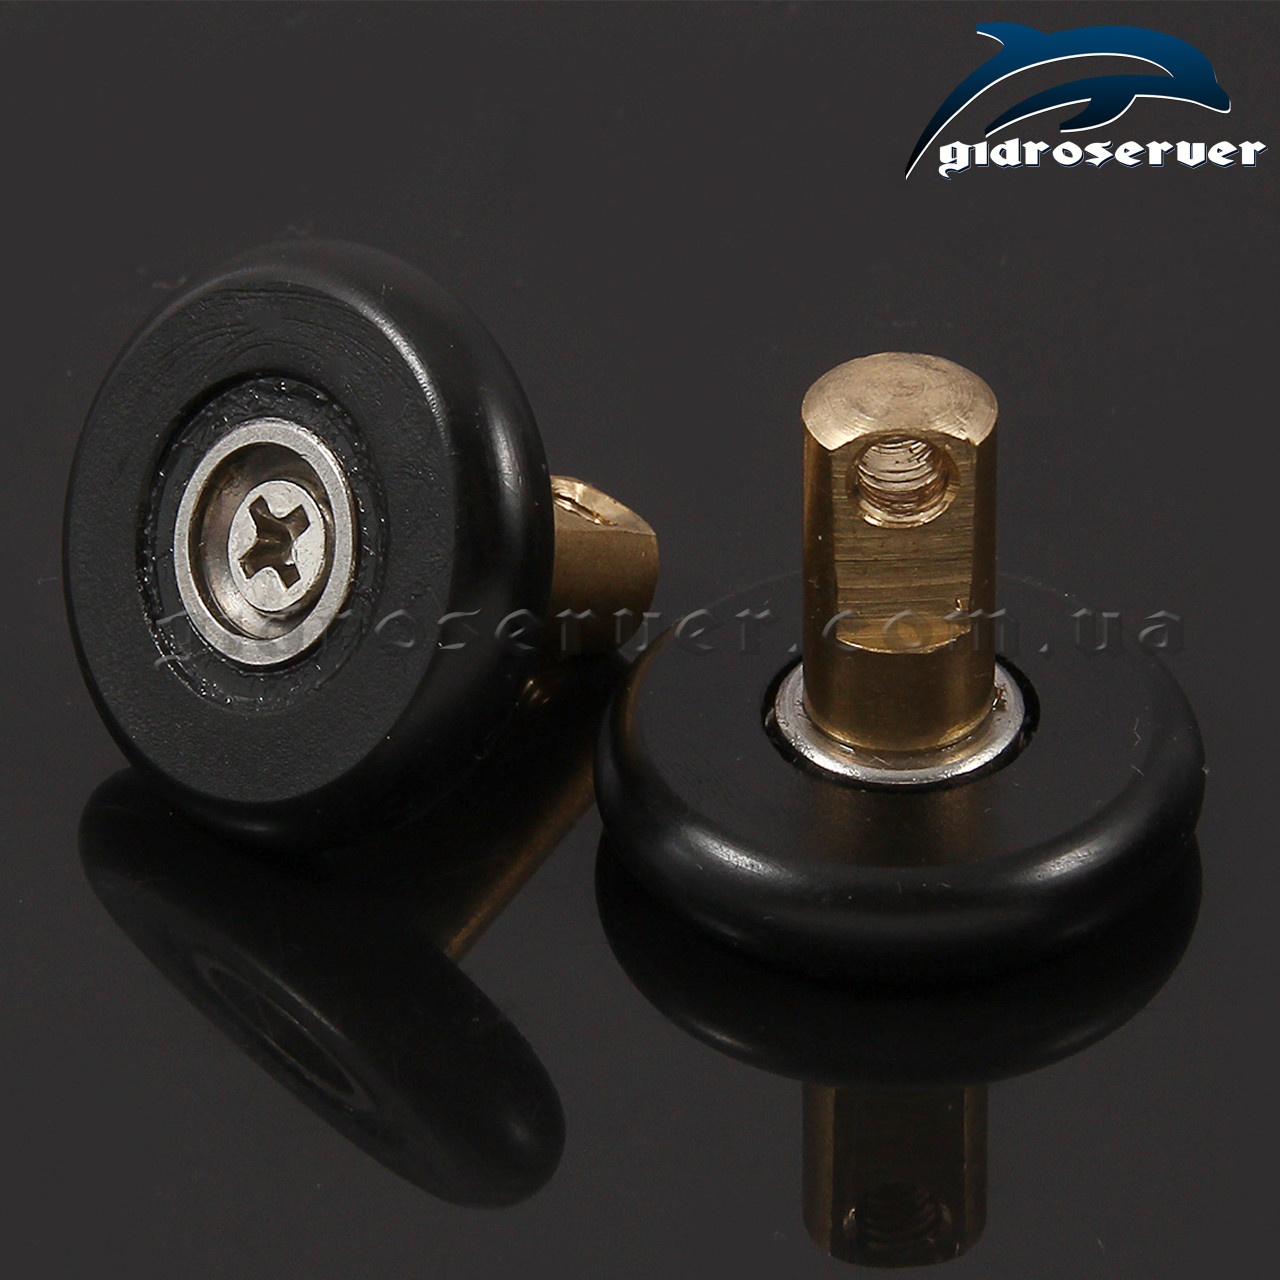 Сменная ось для роликов душевых кабин, гидробоксов OSN-01 со съемным колесом KN-01.